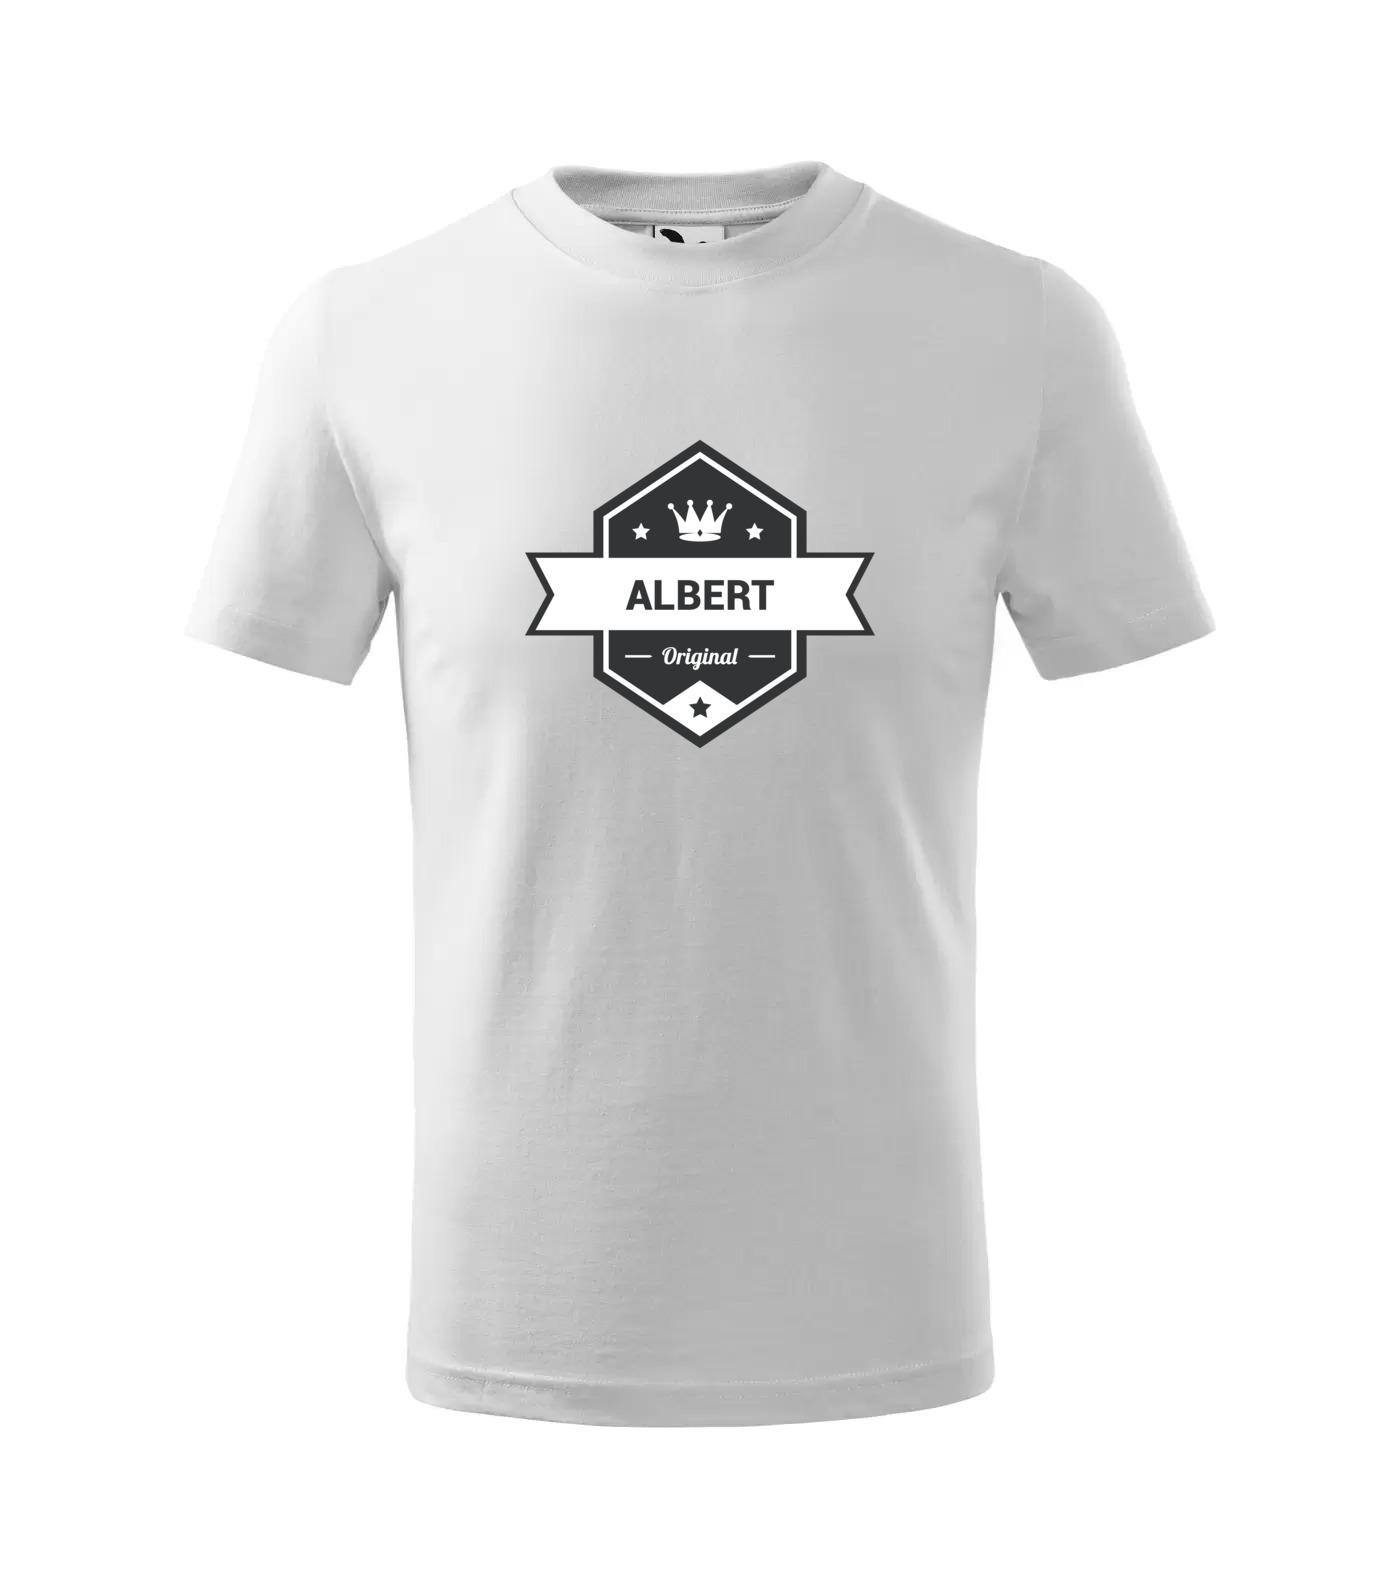 Tričko King Albert